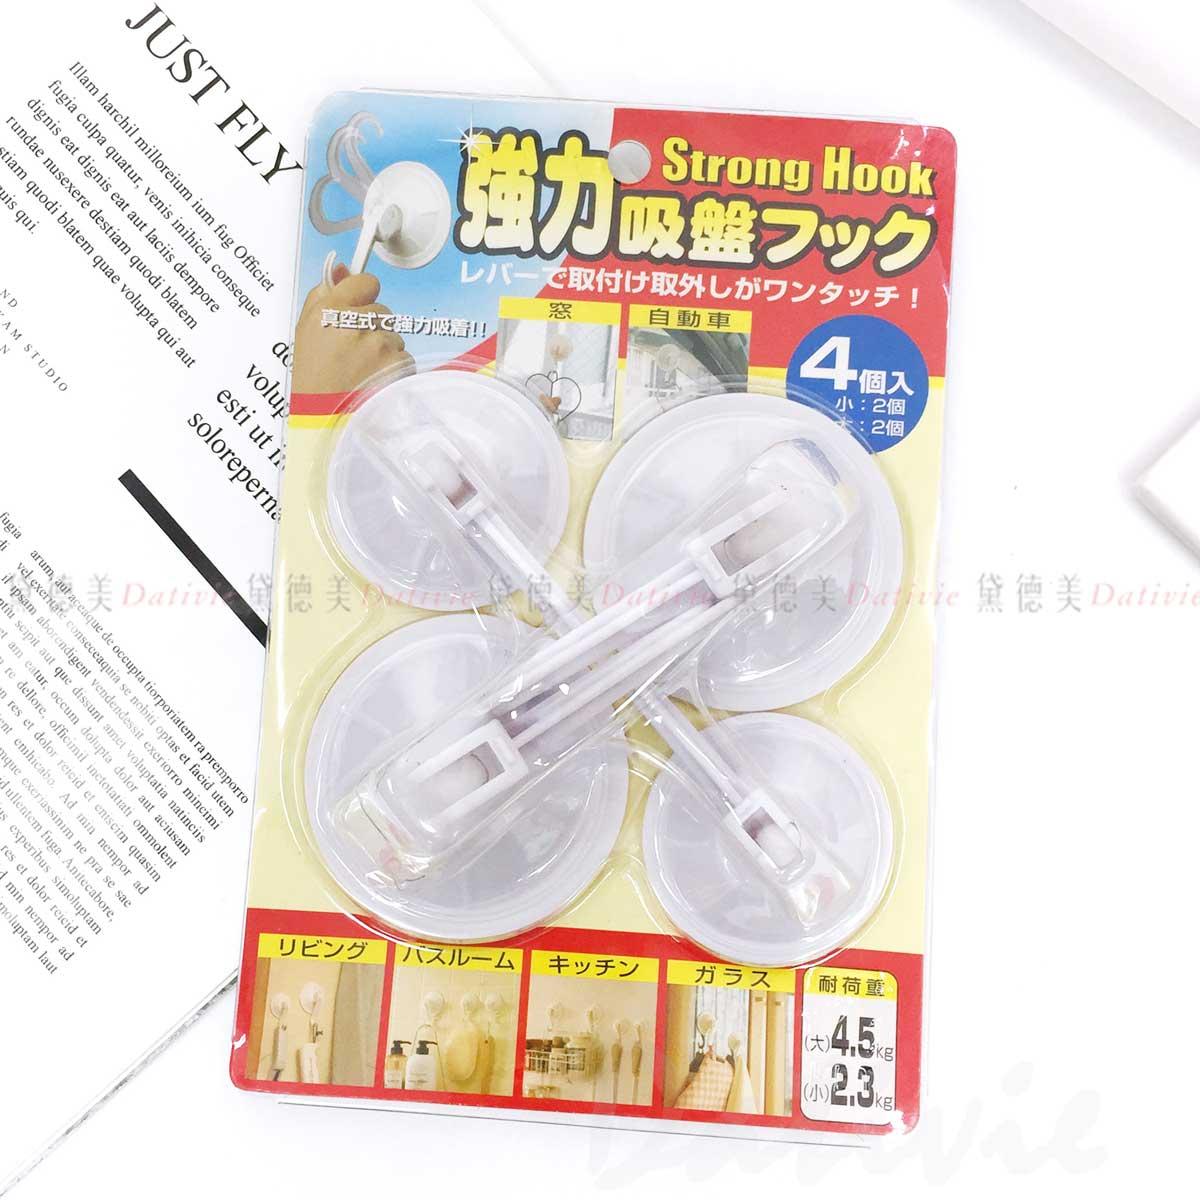 強力吸盤 4入-STRONG HOOK トルネ TORUNE 日本進口正版授權